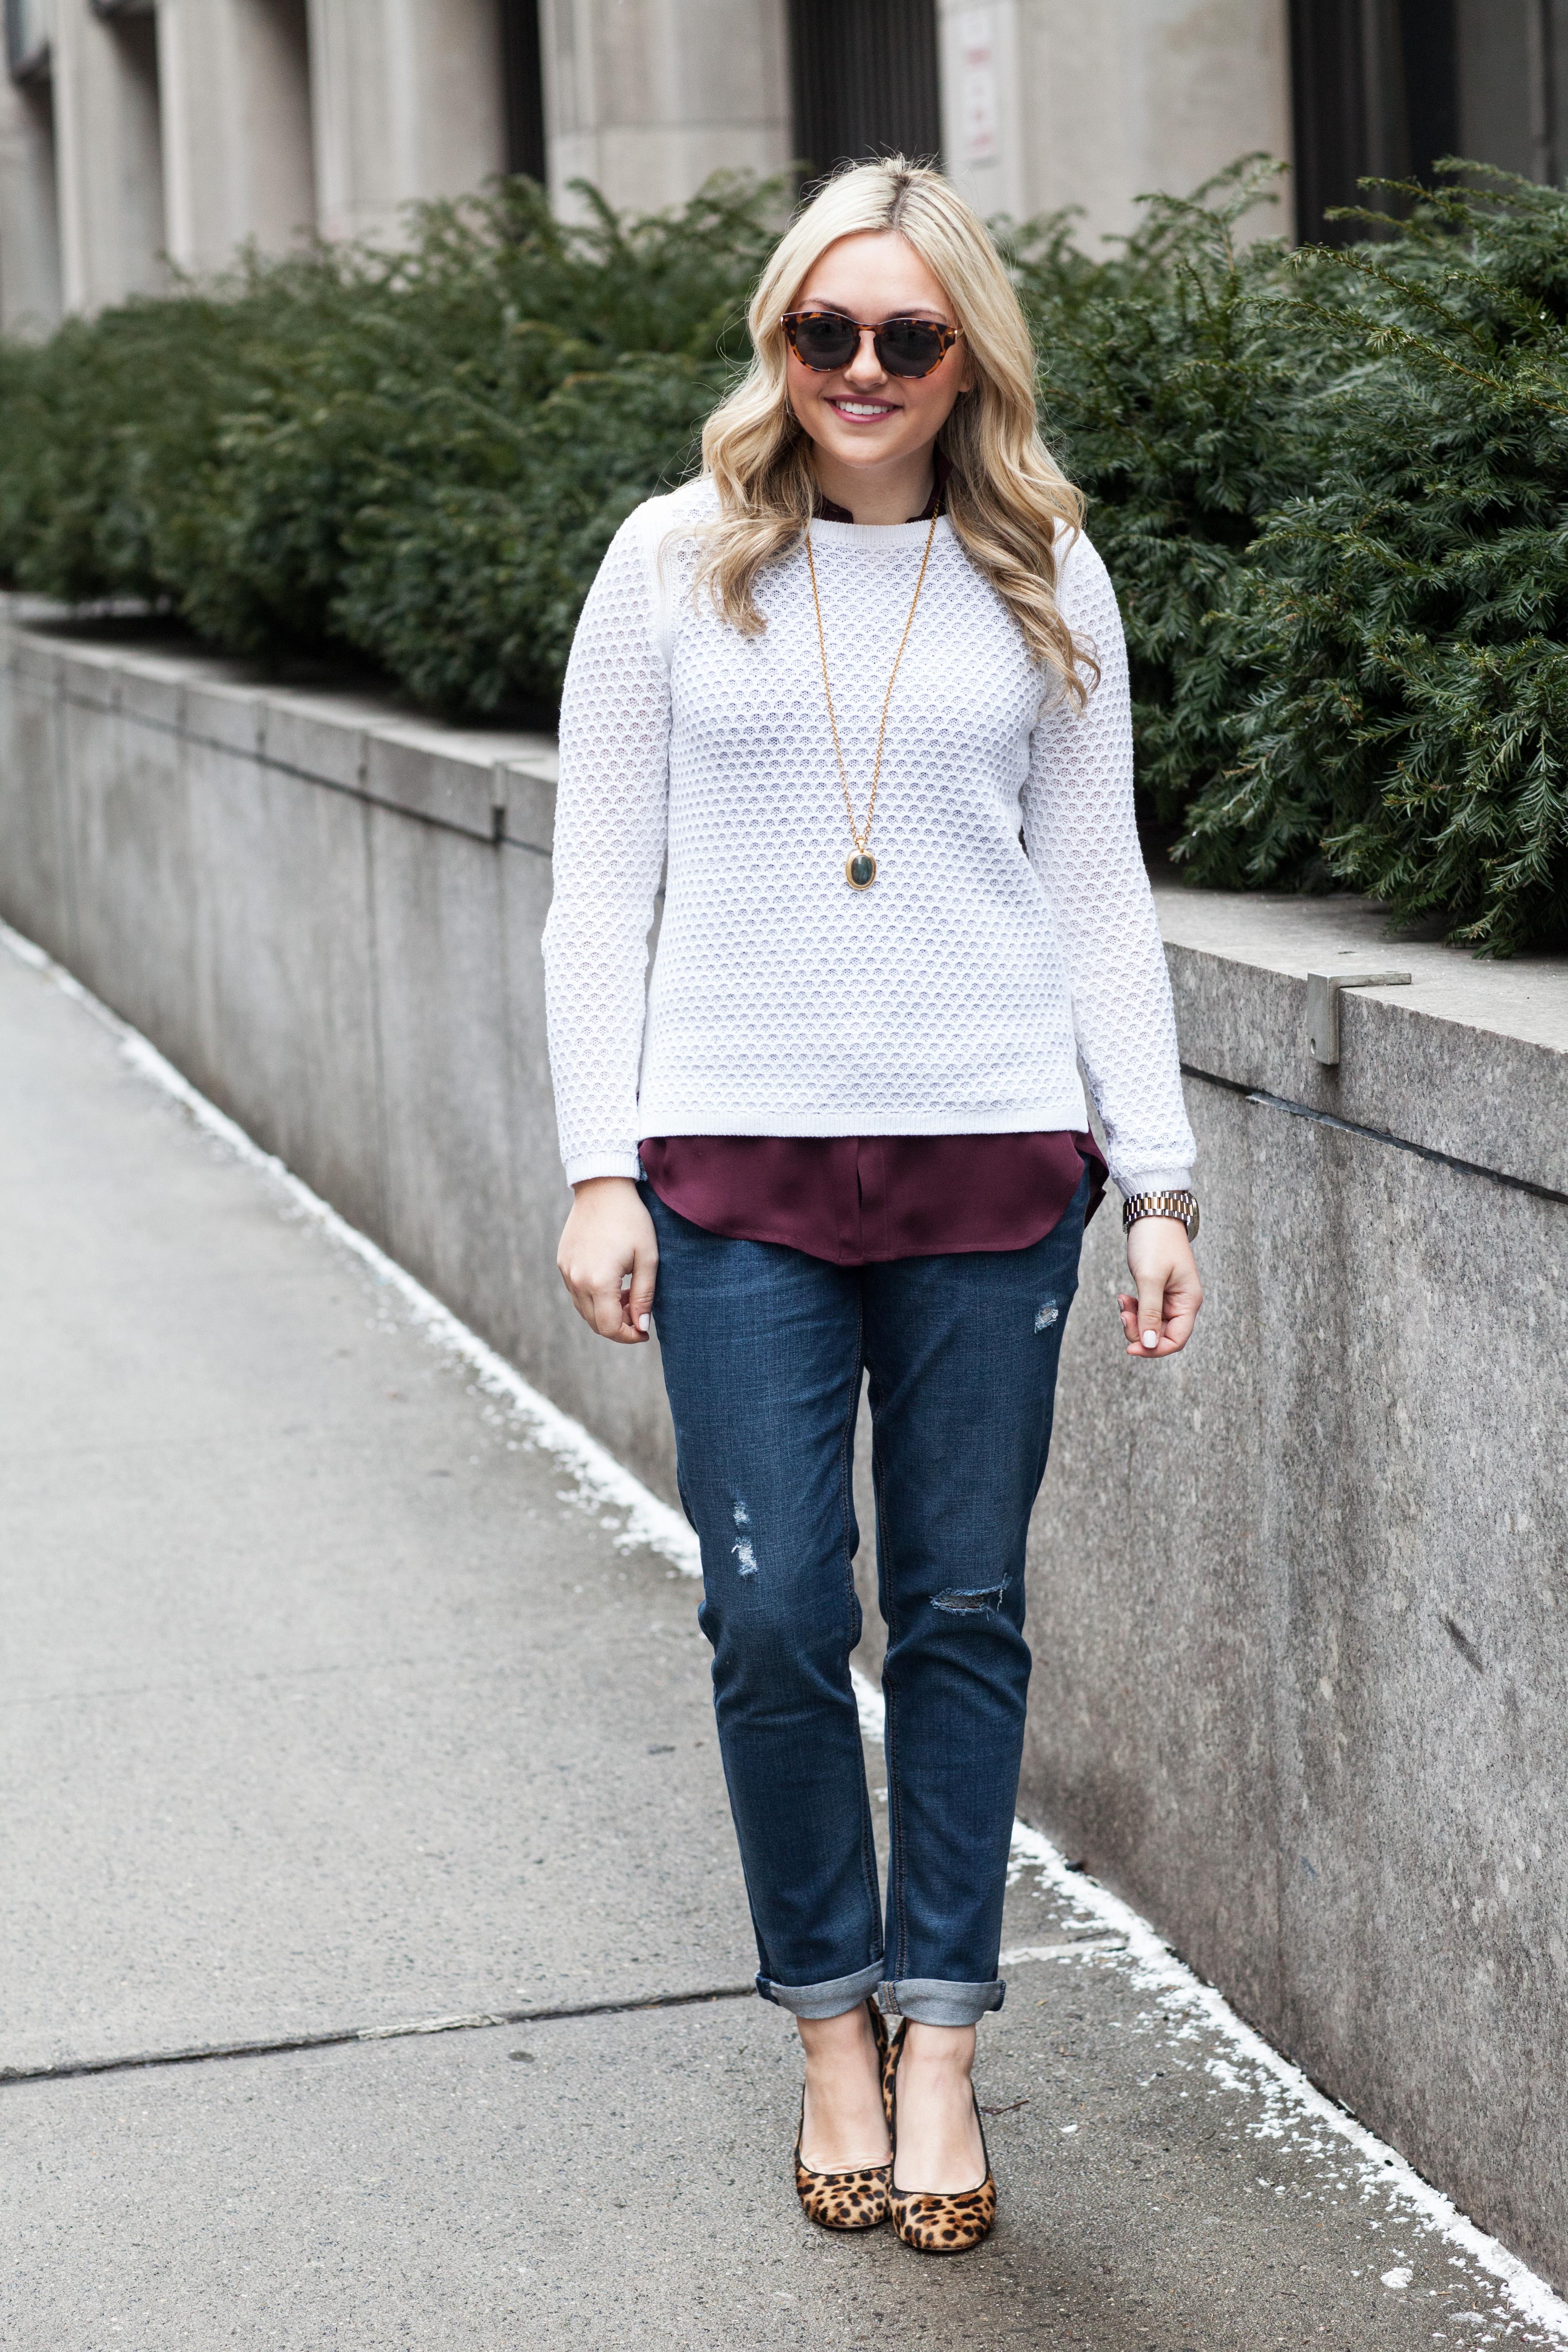 Boyfriend Jeans: Work & Weekend — bows & sequins